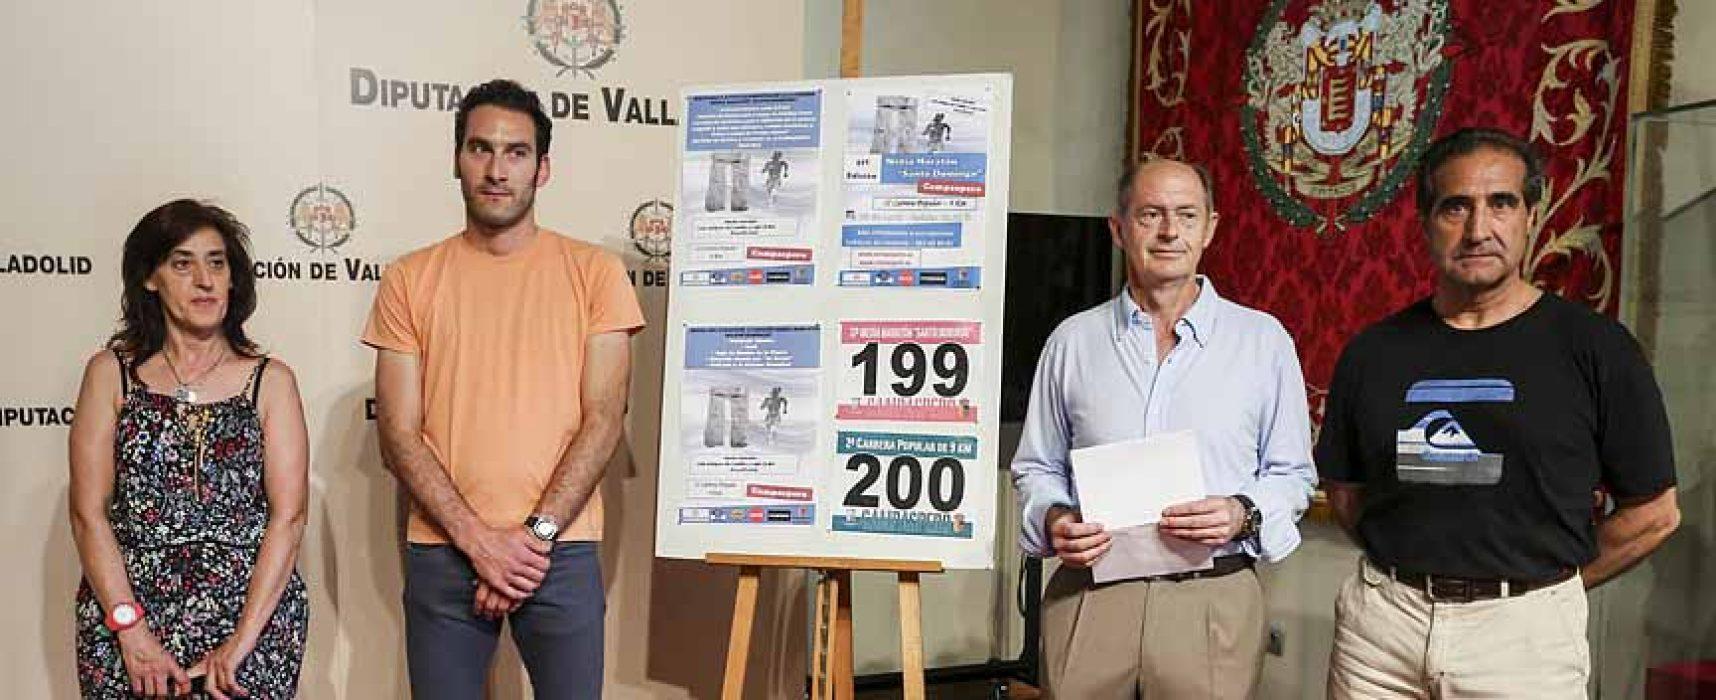 El domingo se celebra la 37ª Media Maratón de Campaspero y la segunda Carrera Popular